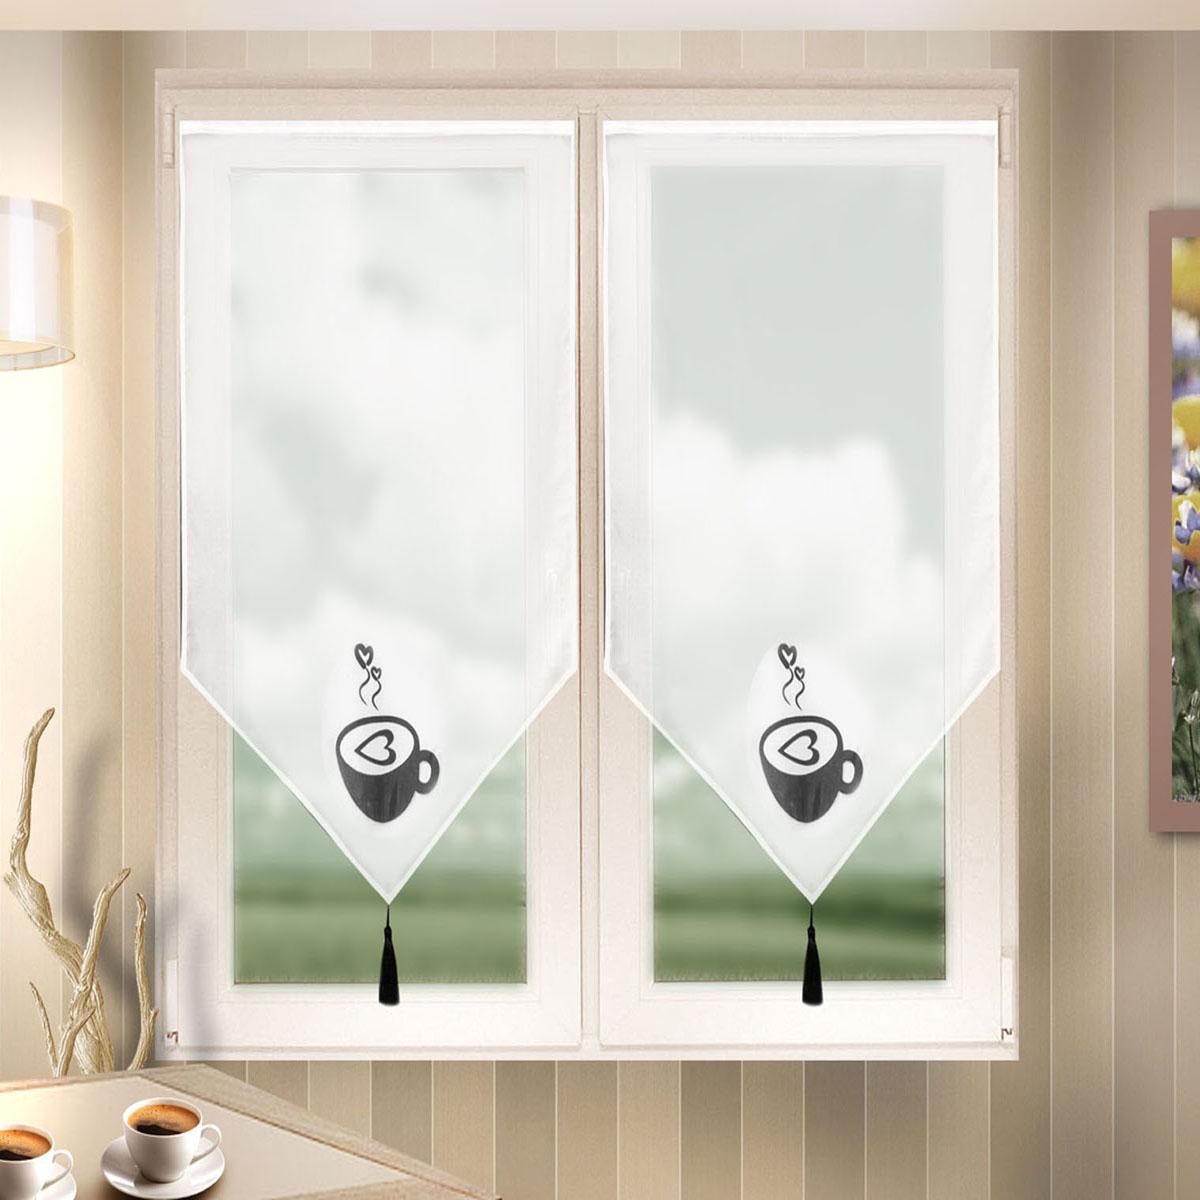 Гардина Zlata Korunka, цвет: белый, ширина 60 см, высота 90 см. 666024/23254115/1W2040Лучшая альтернатива рулонным шторам на кухне – шторы на липкой ленте. Особенность этих штор заключается в том, что они имеют липкую основу в месте крепления . Лента или основа надежно и быстро крепится на раму окна, а на нее фиксируется сама штора.Размеры: ширина 60* высота 90